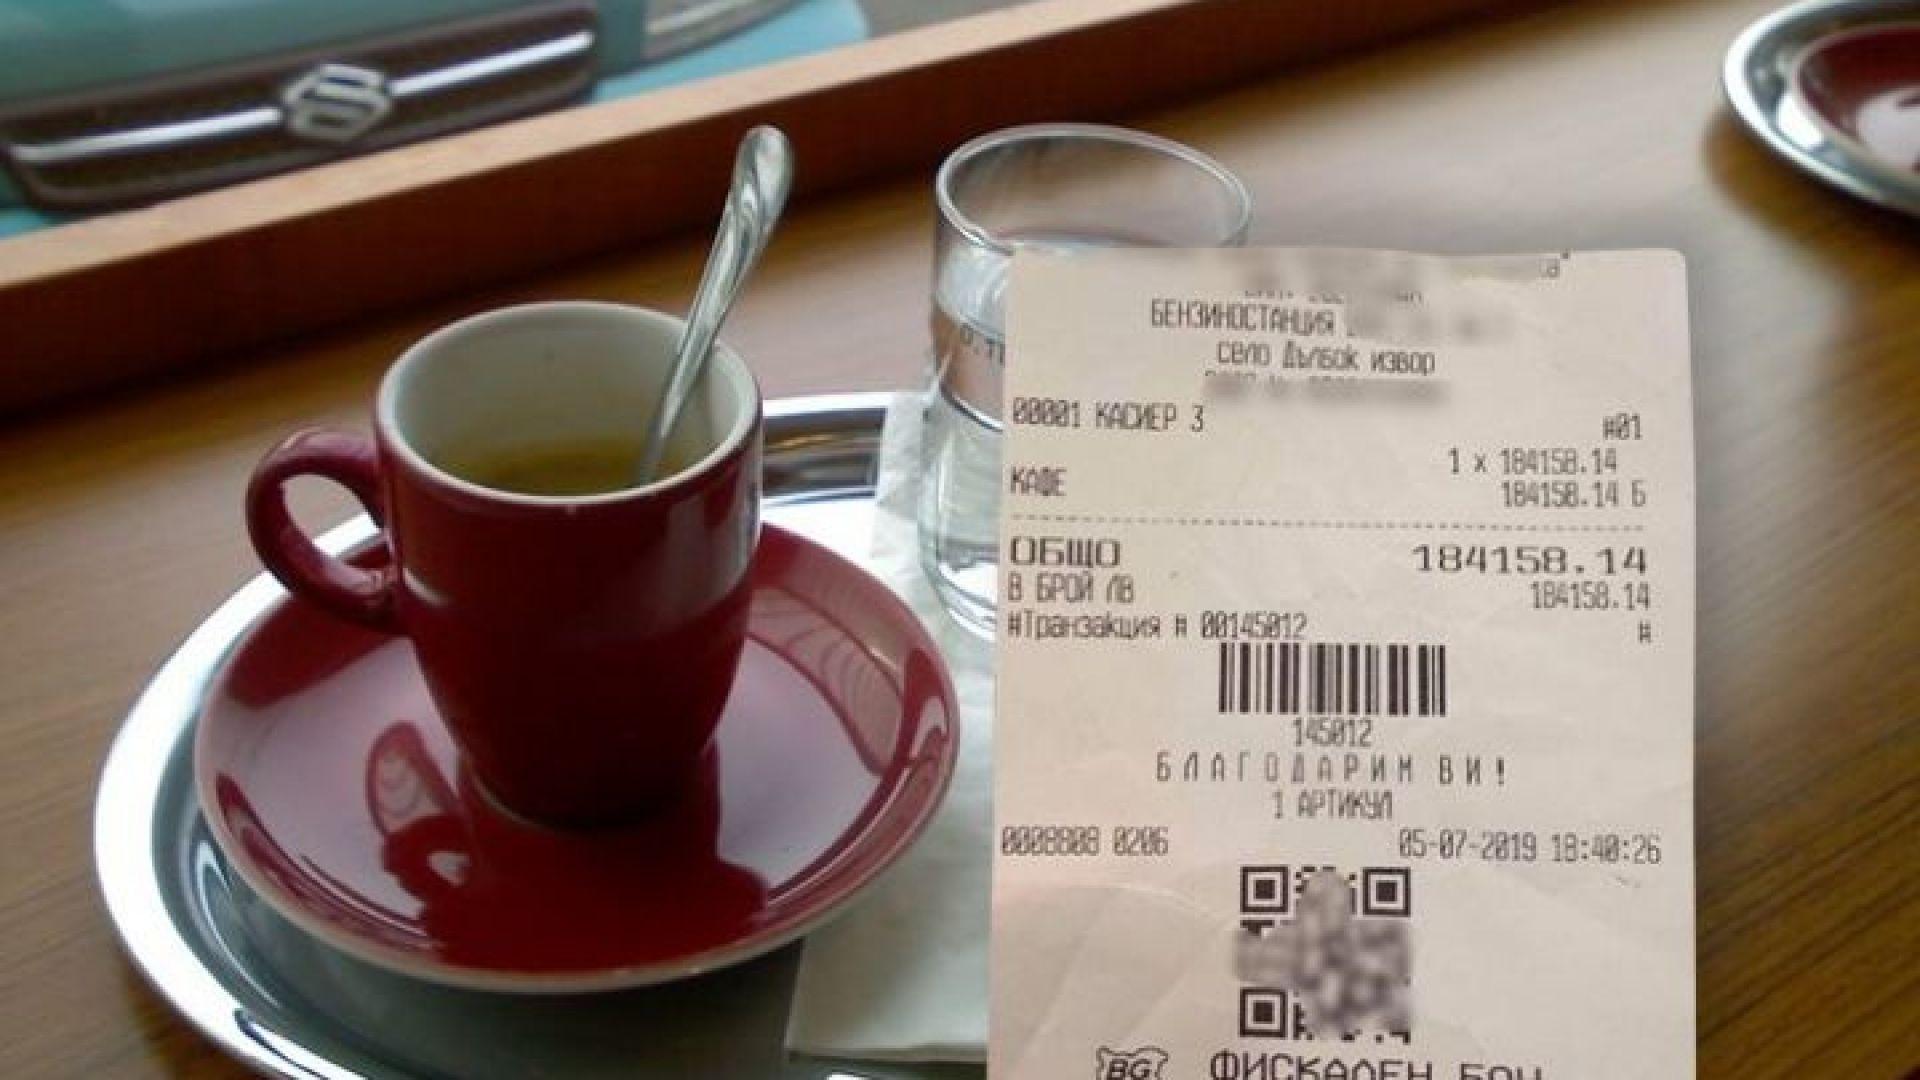 Снимка: Мъж пи кафе за 184 хиляди лева на пловдивска бензиностанция